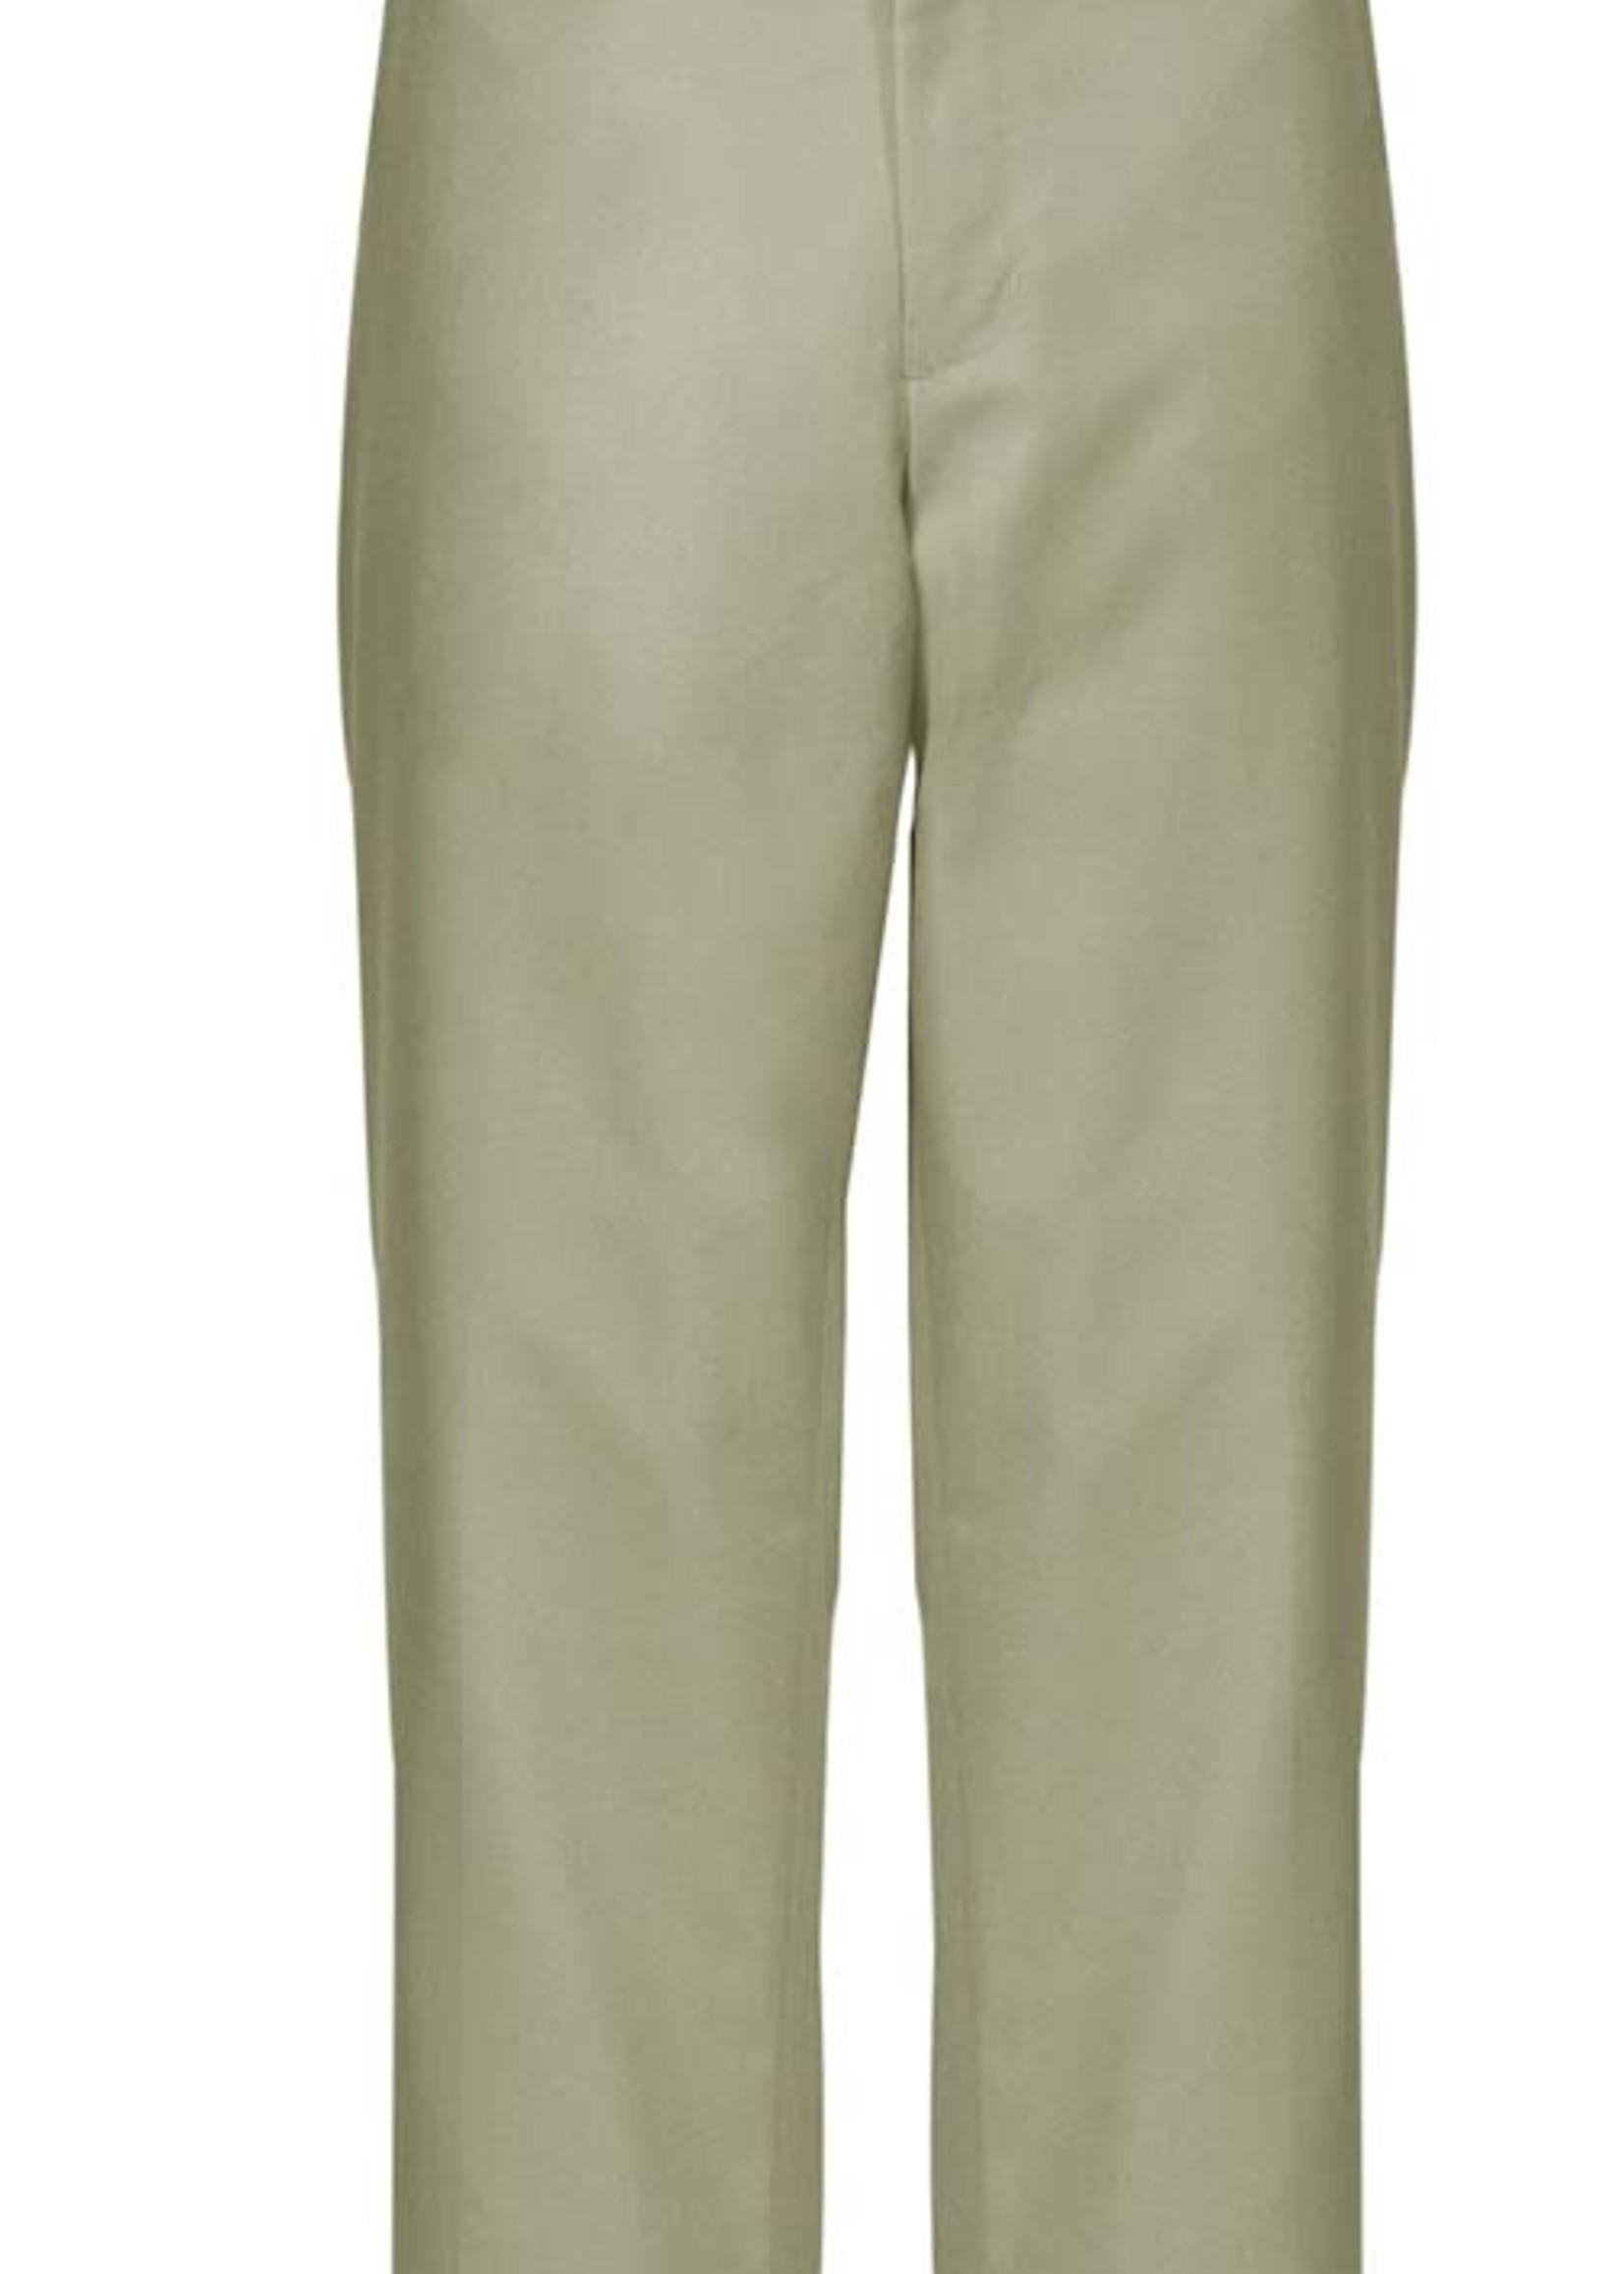 A+ Boys Flat Front Pants (BK)